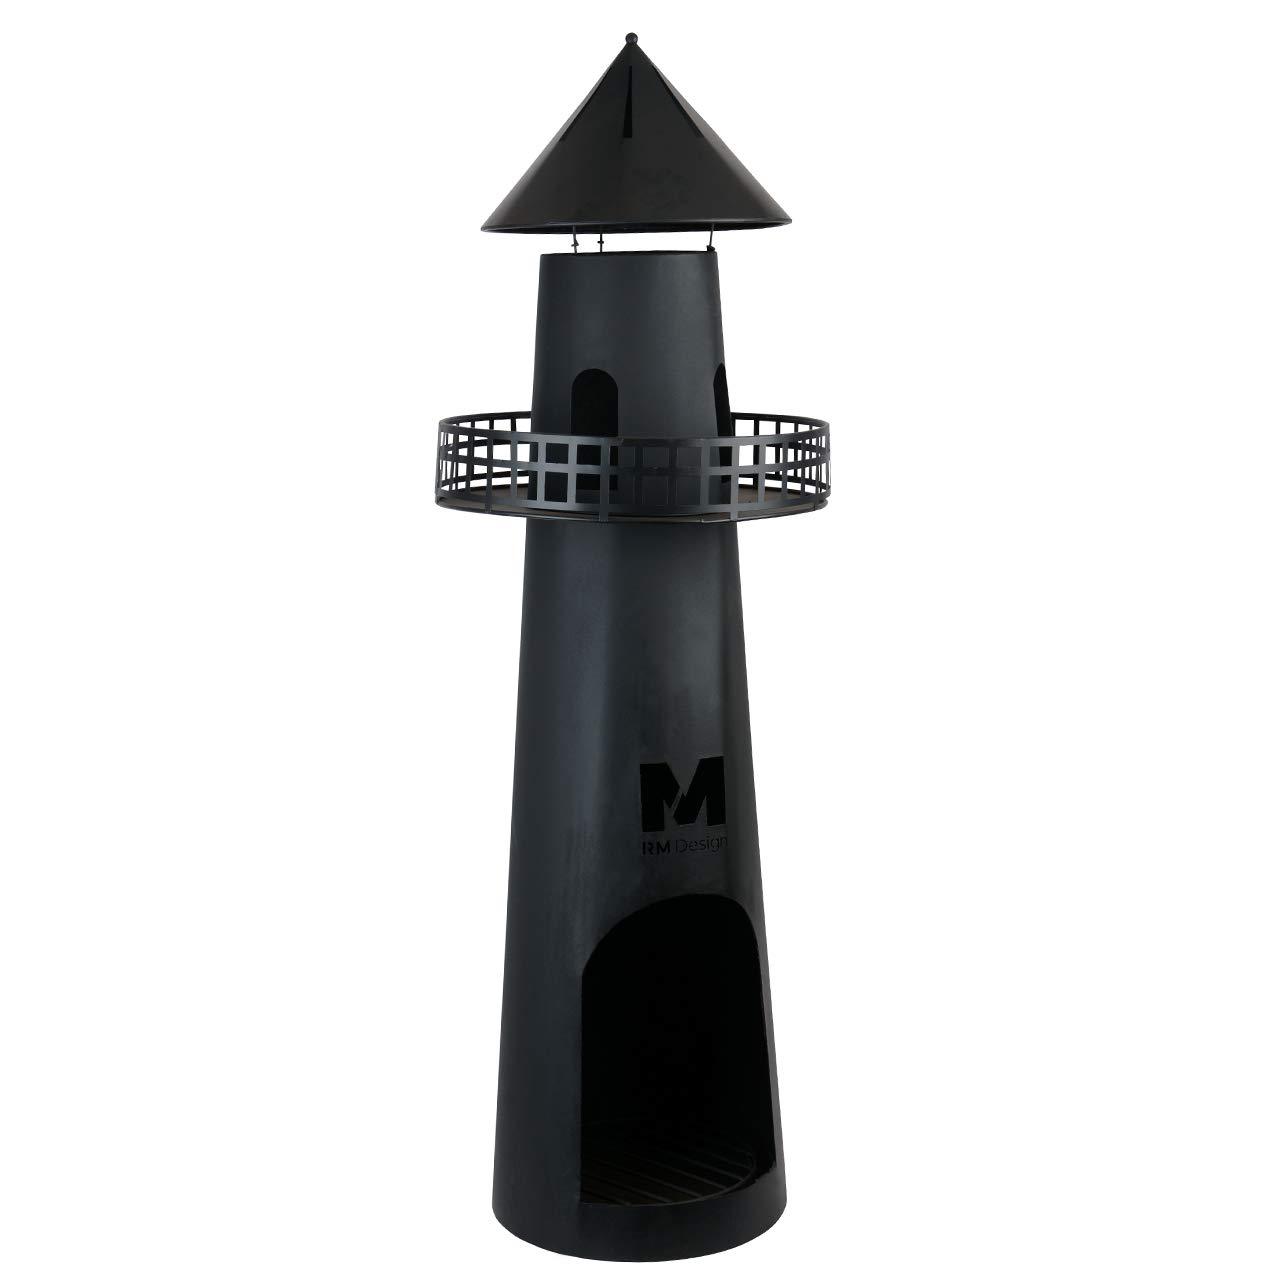 RM Design Gartenkamin aus Metall in schwarz 131 cm hoch Terrassenofen/Terrassenkamin als Feuerschale oder Feuerkorb fü r den Garten